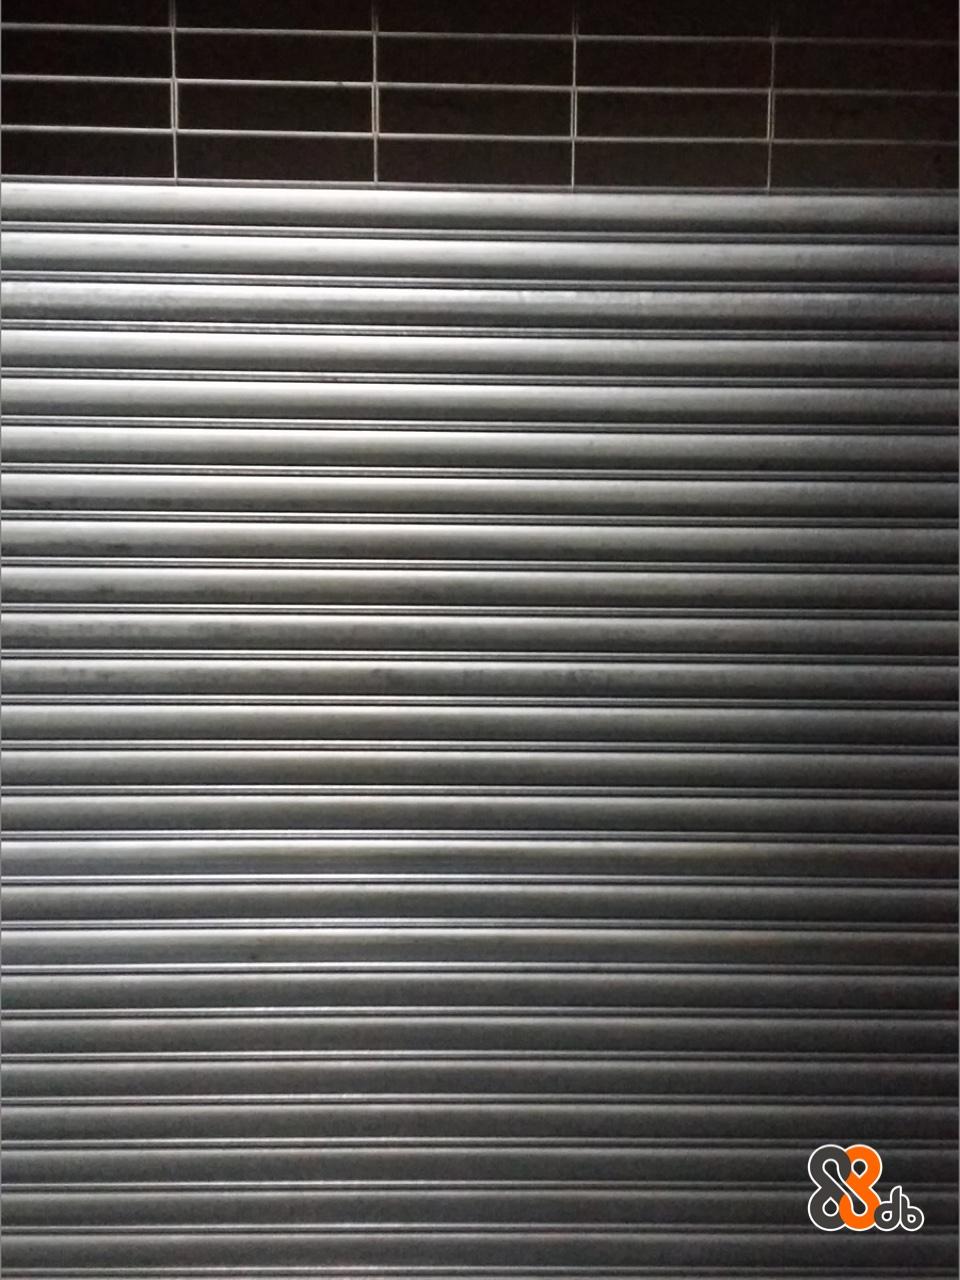 metal,line,window covering,steel,mesh